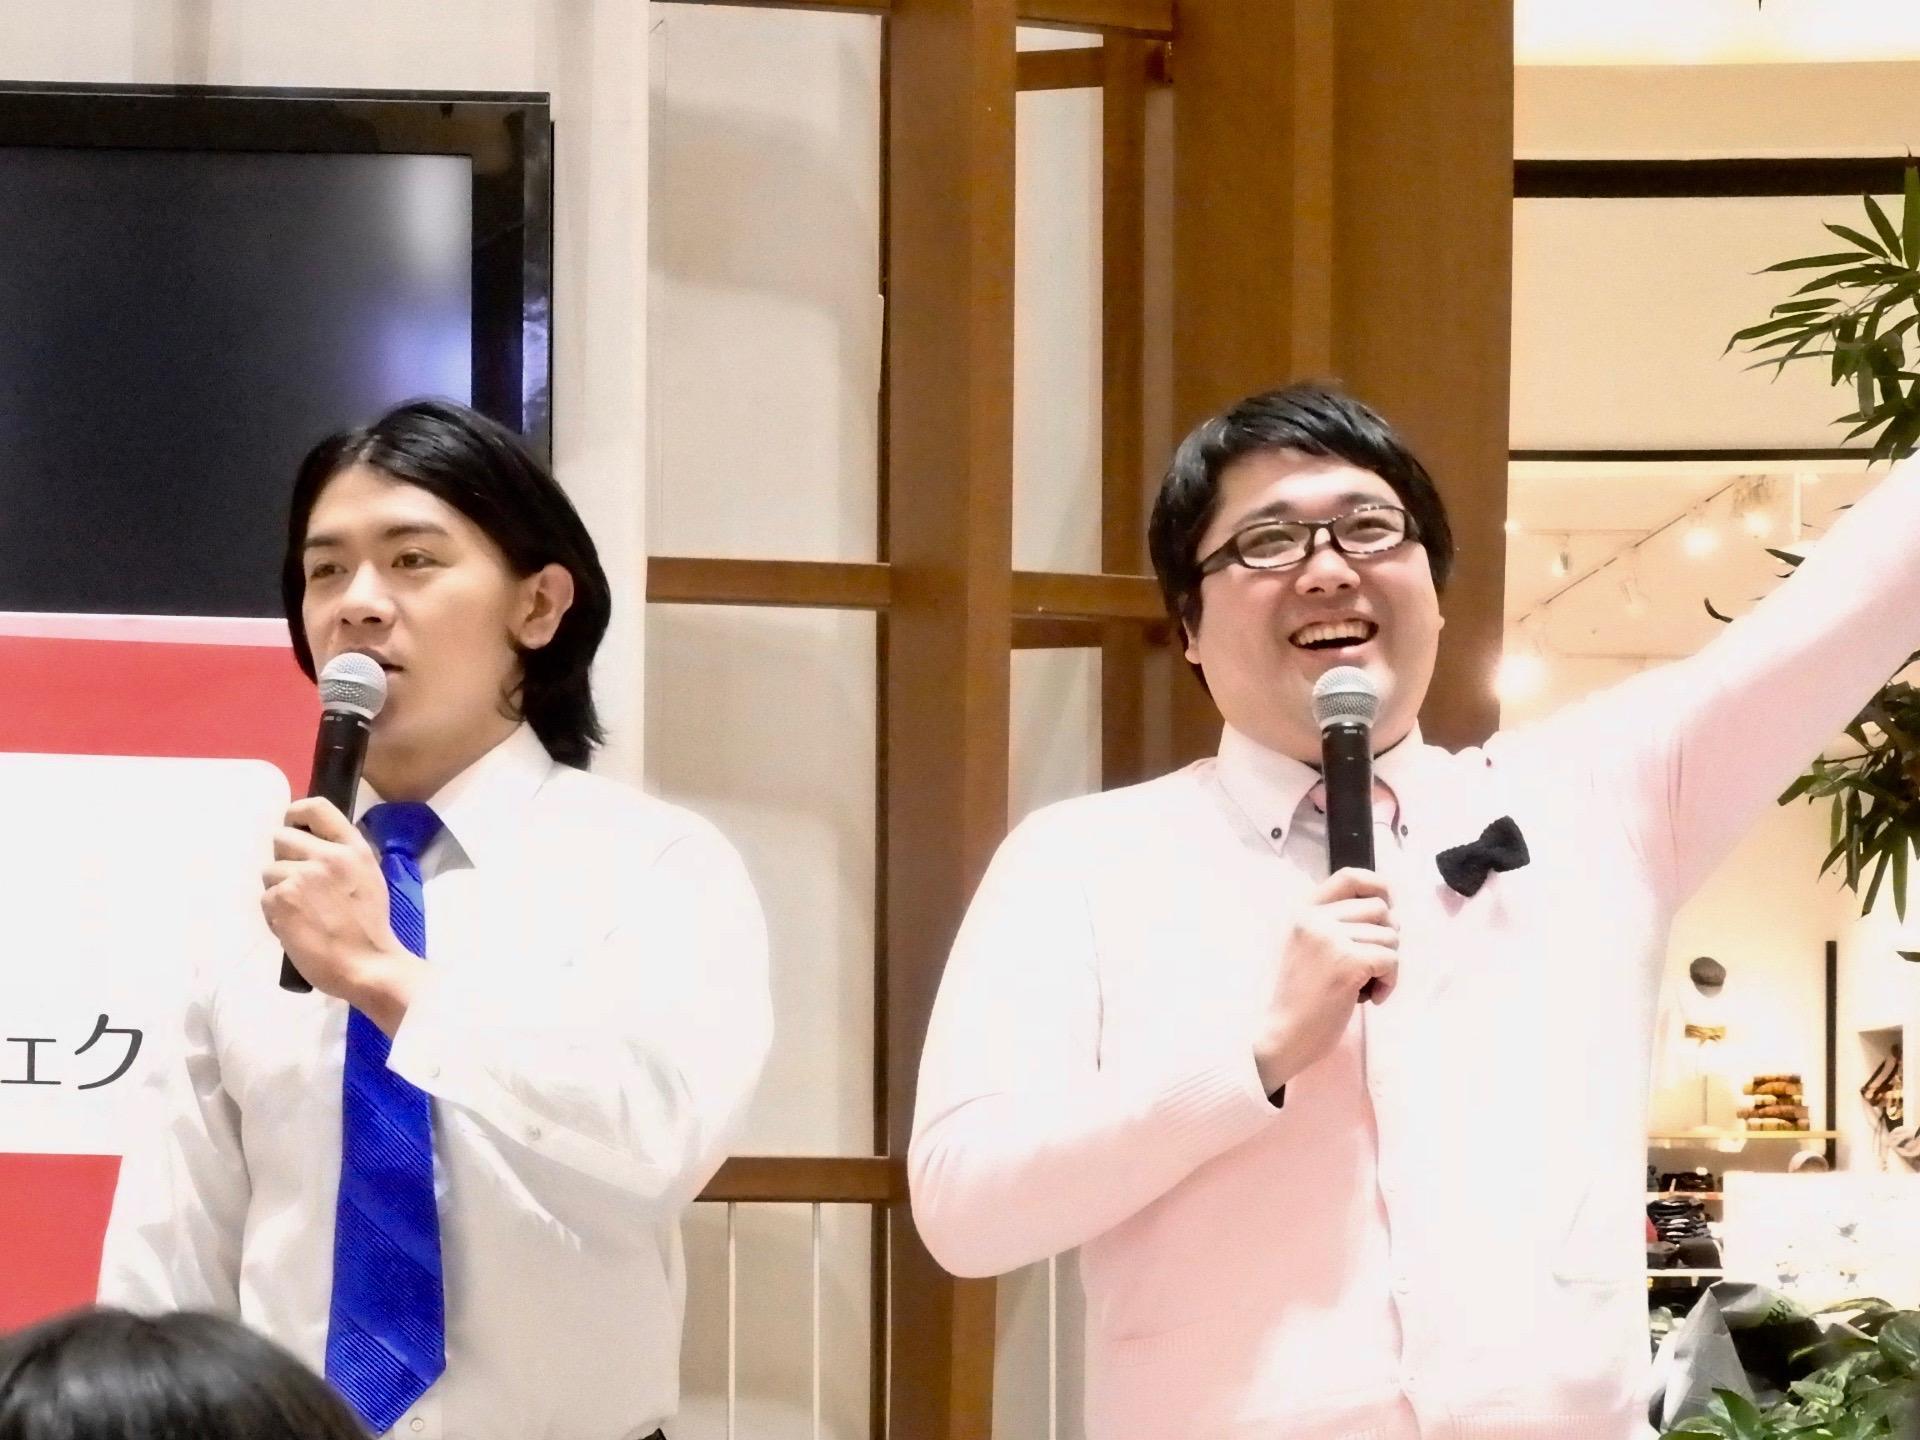 http://news.yoshimoto.co.jp/20180211194455-de7585a3a22f60a8c5dba2865a9b386765d64b93.jpg